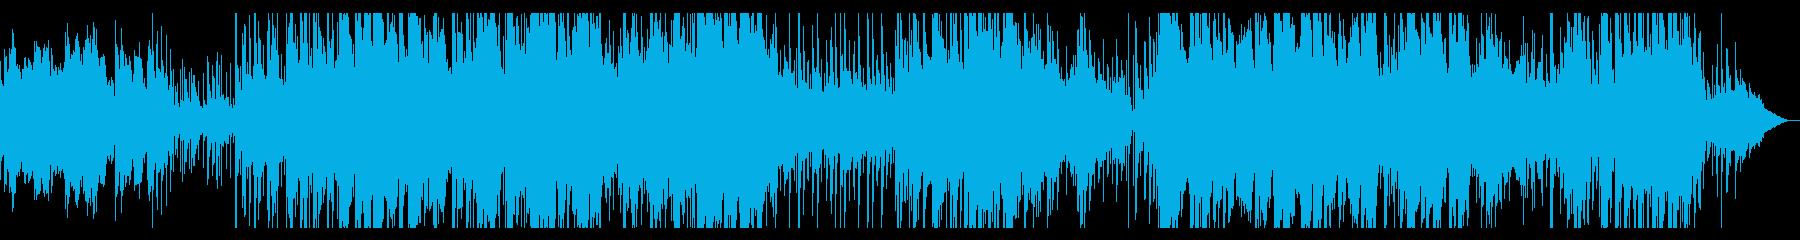 ハープと笛の寂しげで幻想的なケルト風2の再生済みの波形